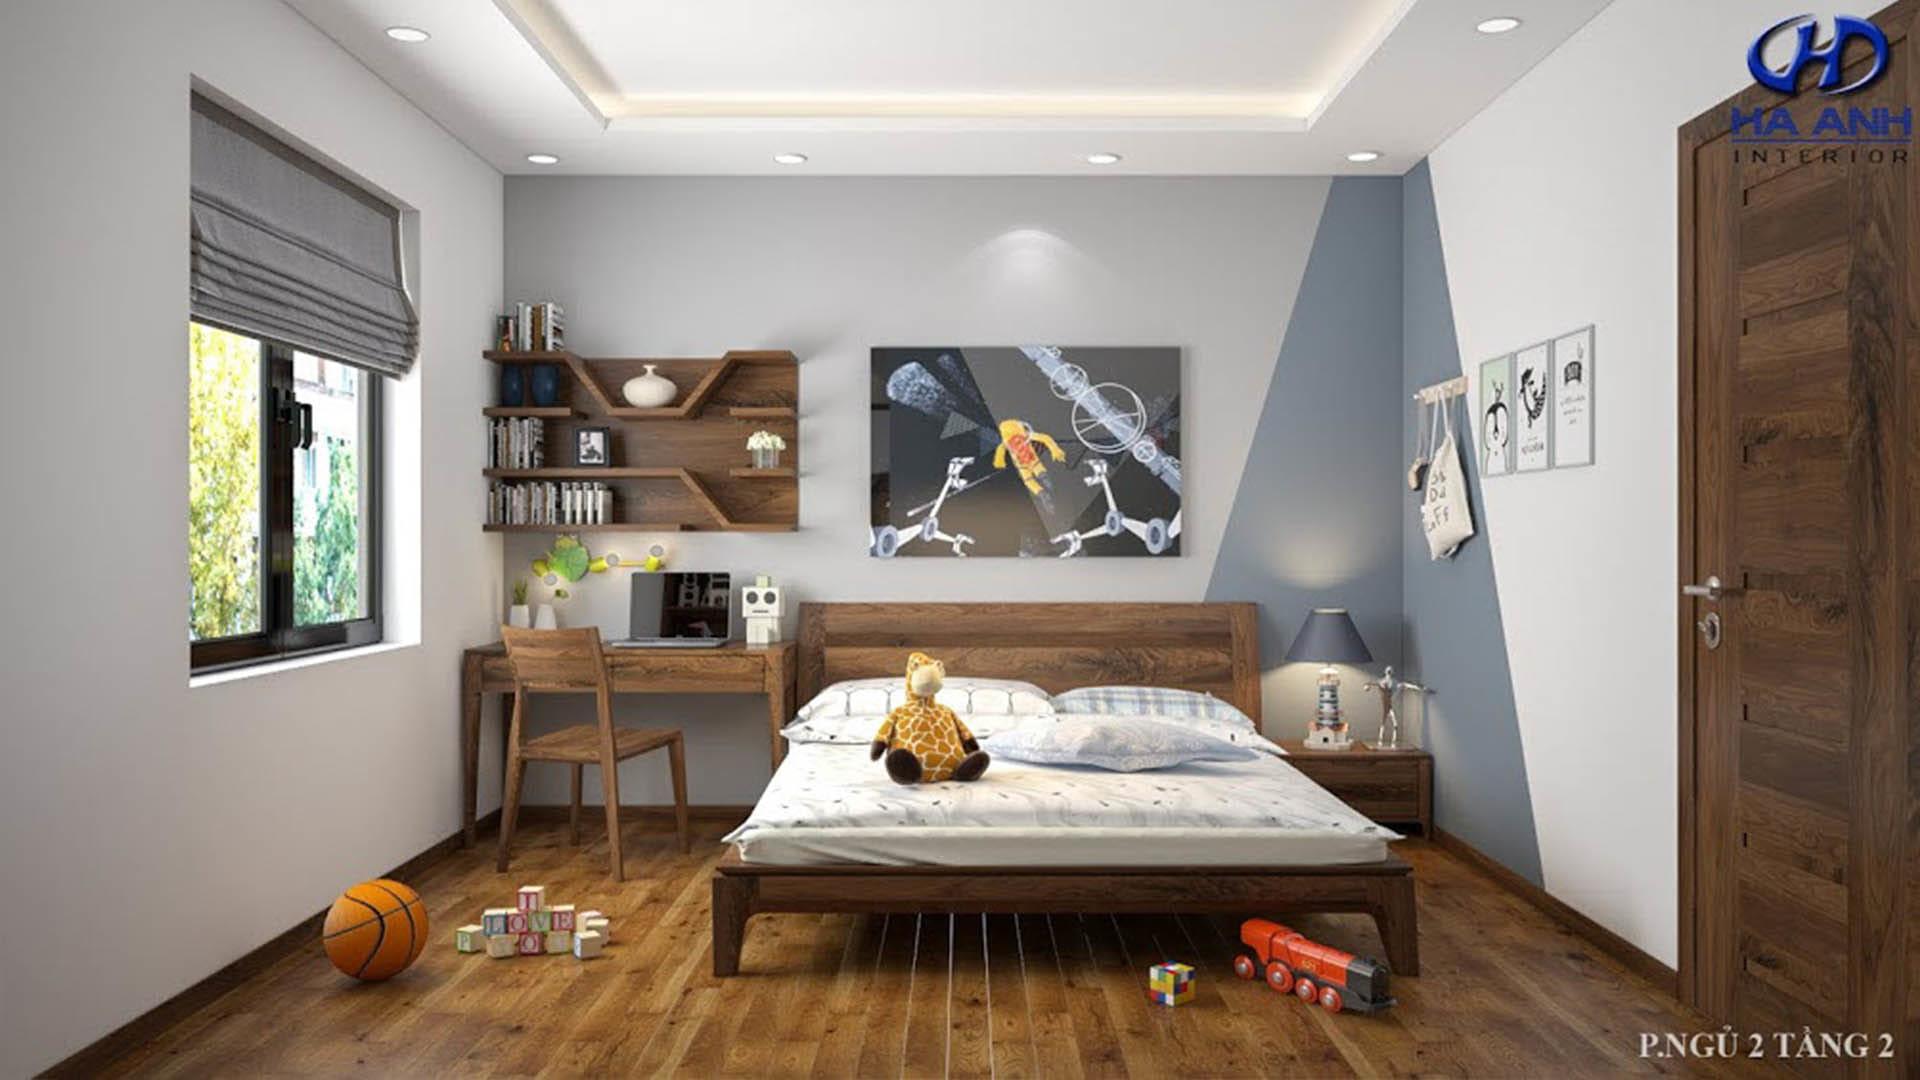 mẫu thiết kế phòng ngủ trẻ em đẹp